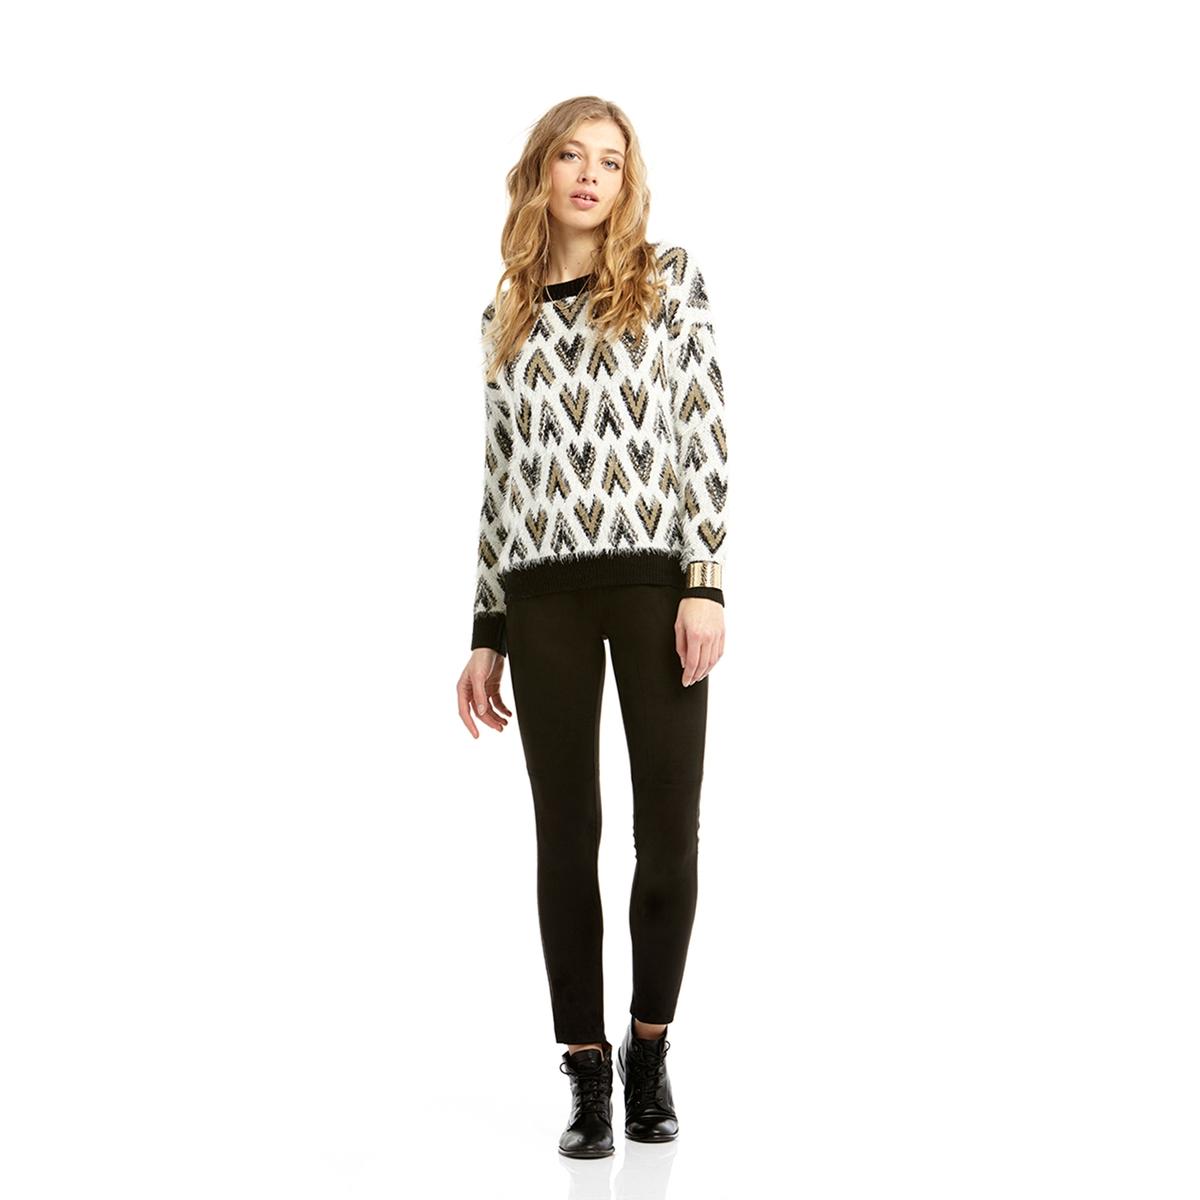 Пуловер с высоким воротником и геометрическим рисункомСостав и описание:  Марка:       CHARLISE.Материал:      40% мохера, 37% полиамида, 23% акрила.<br><br>Цвет: хаки/ белый<br>Размер: M